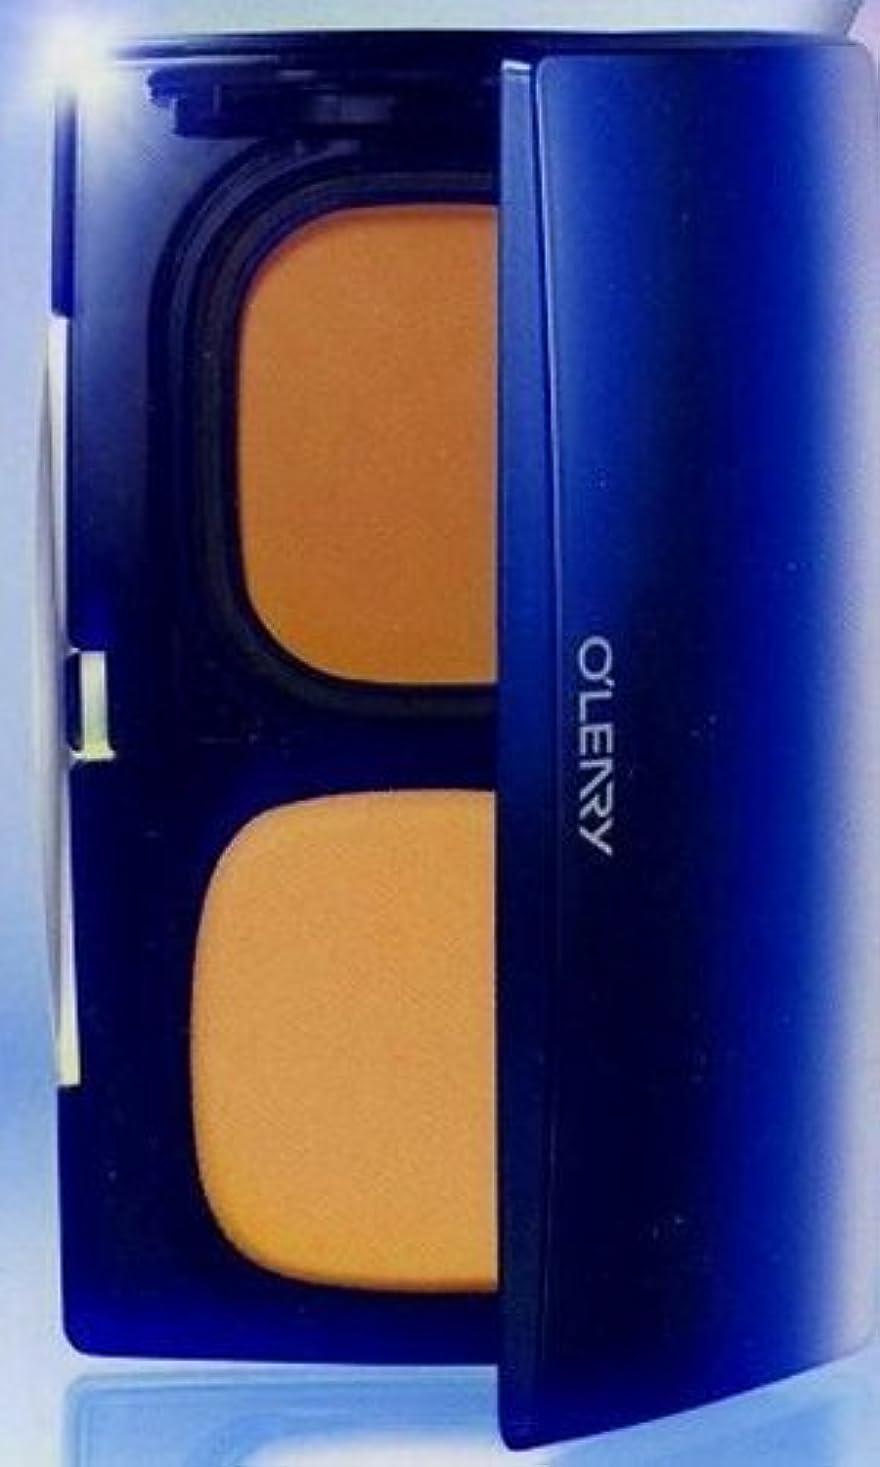 アカデミック頻繁に尽きるオリリー スーペリア カバー EX (ファンデーション)リフィル (BO20)